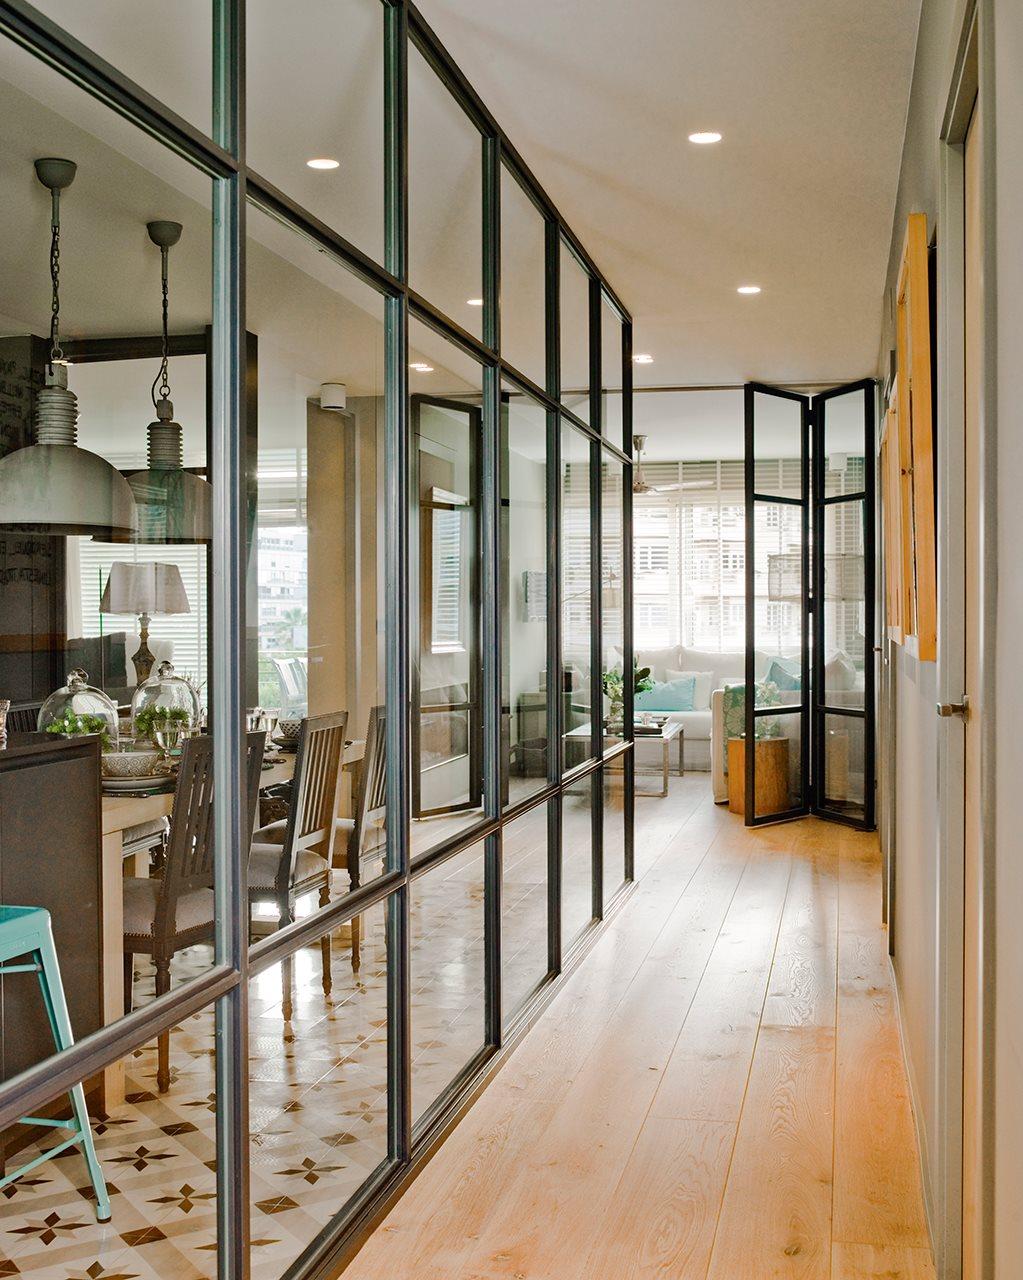 74 fotos de puertas de cristal - Puerta cocina cristal ...